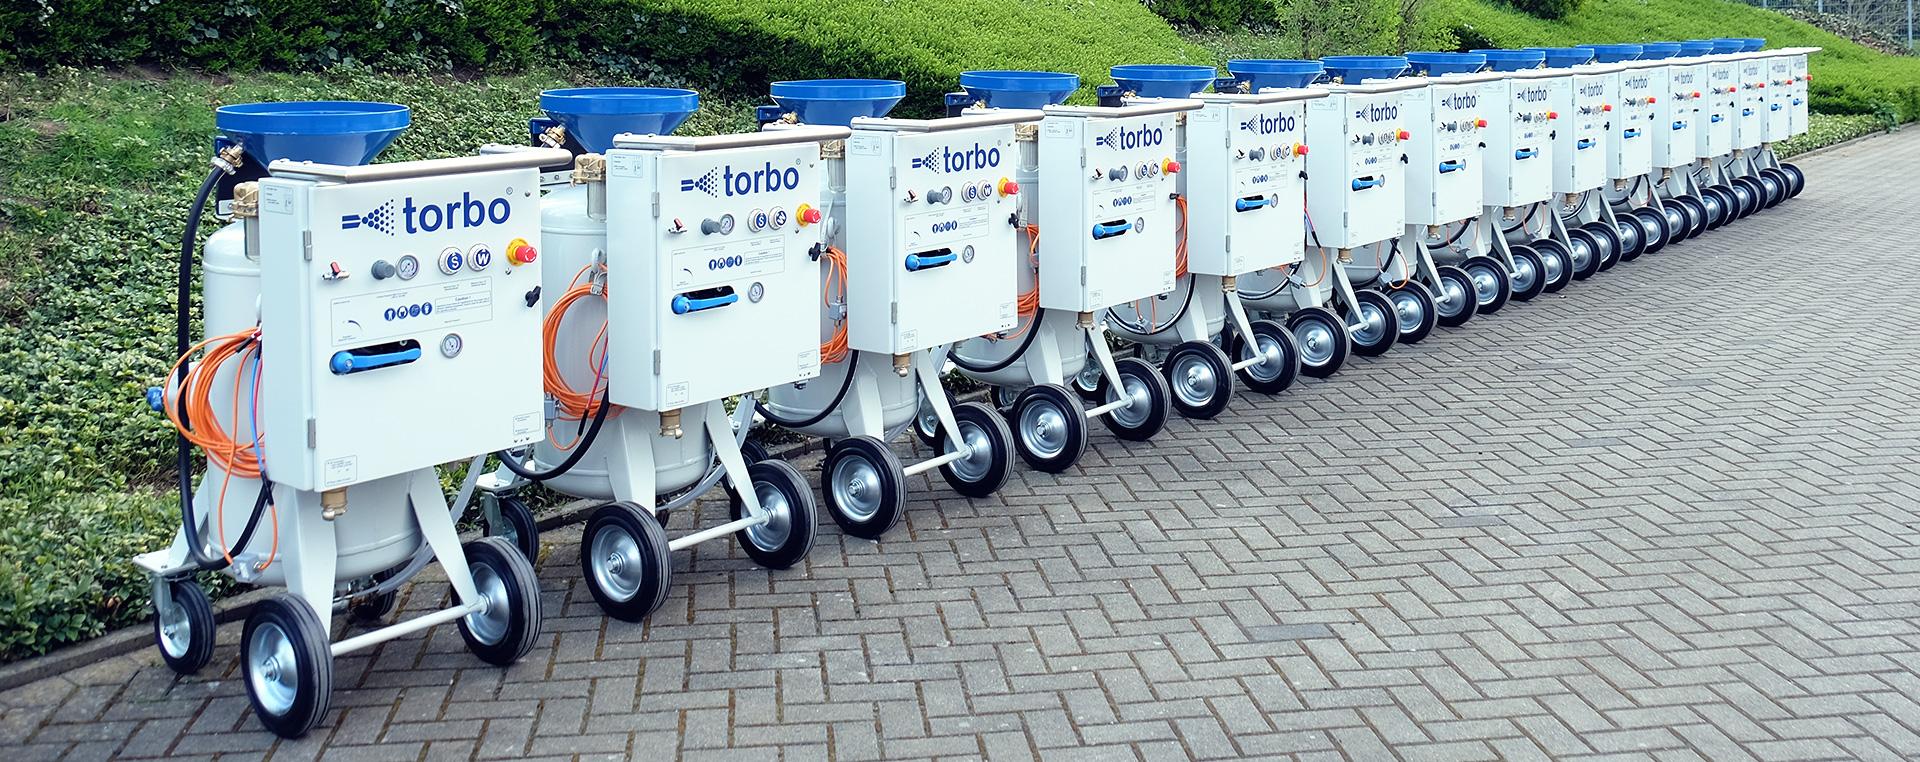 torbo-wyp